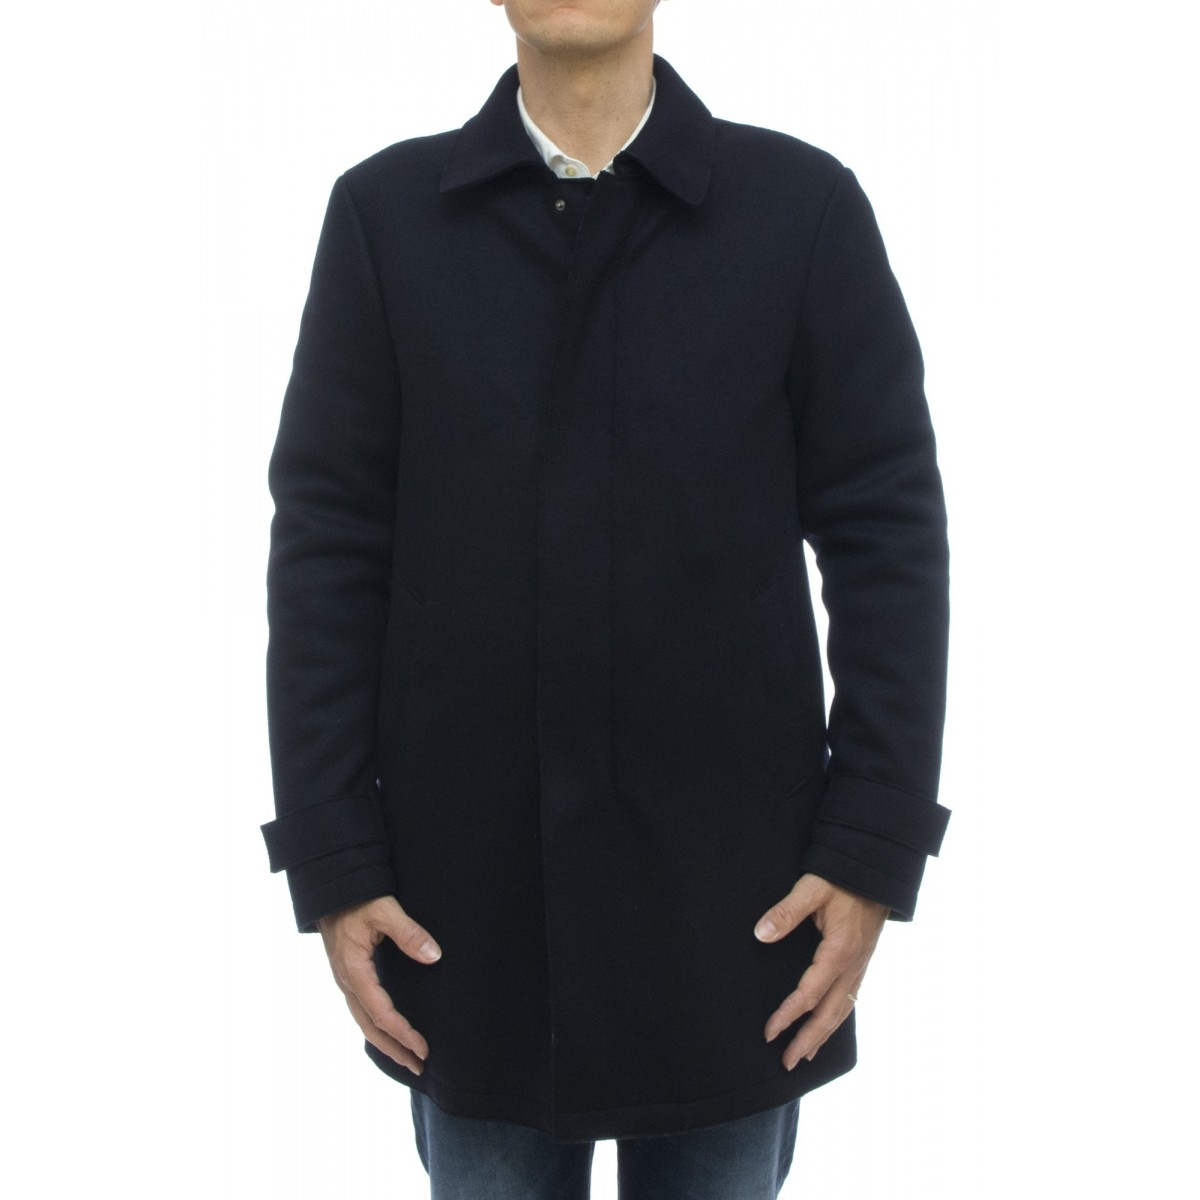 Cappotto - Pc0023u 38320 cappotto lana imbottito